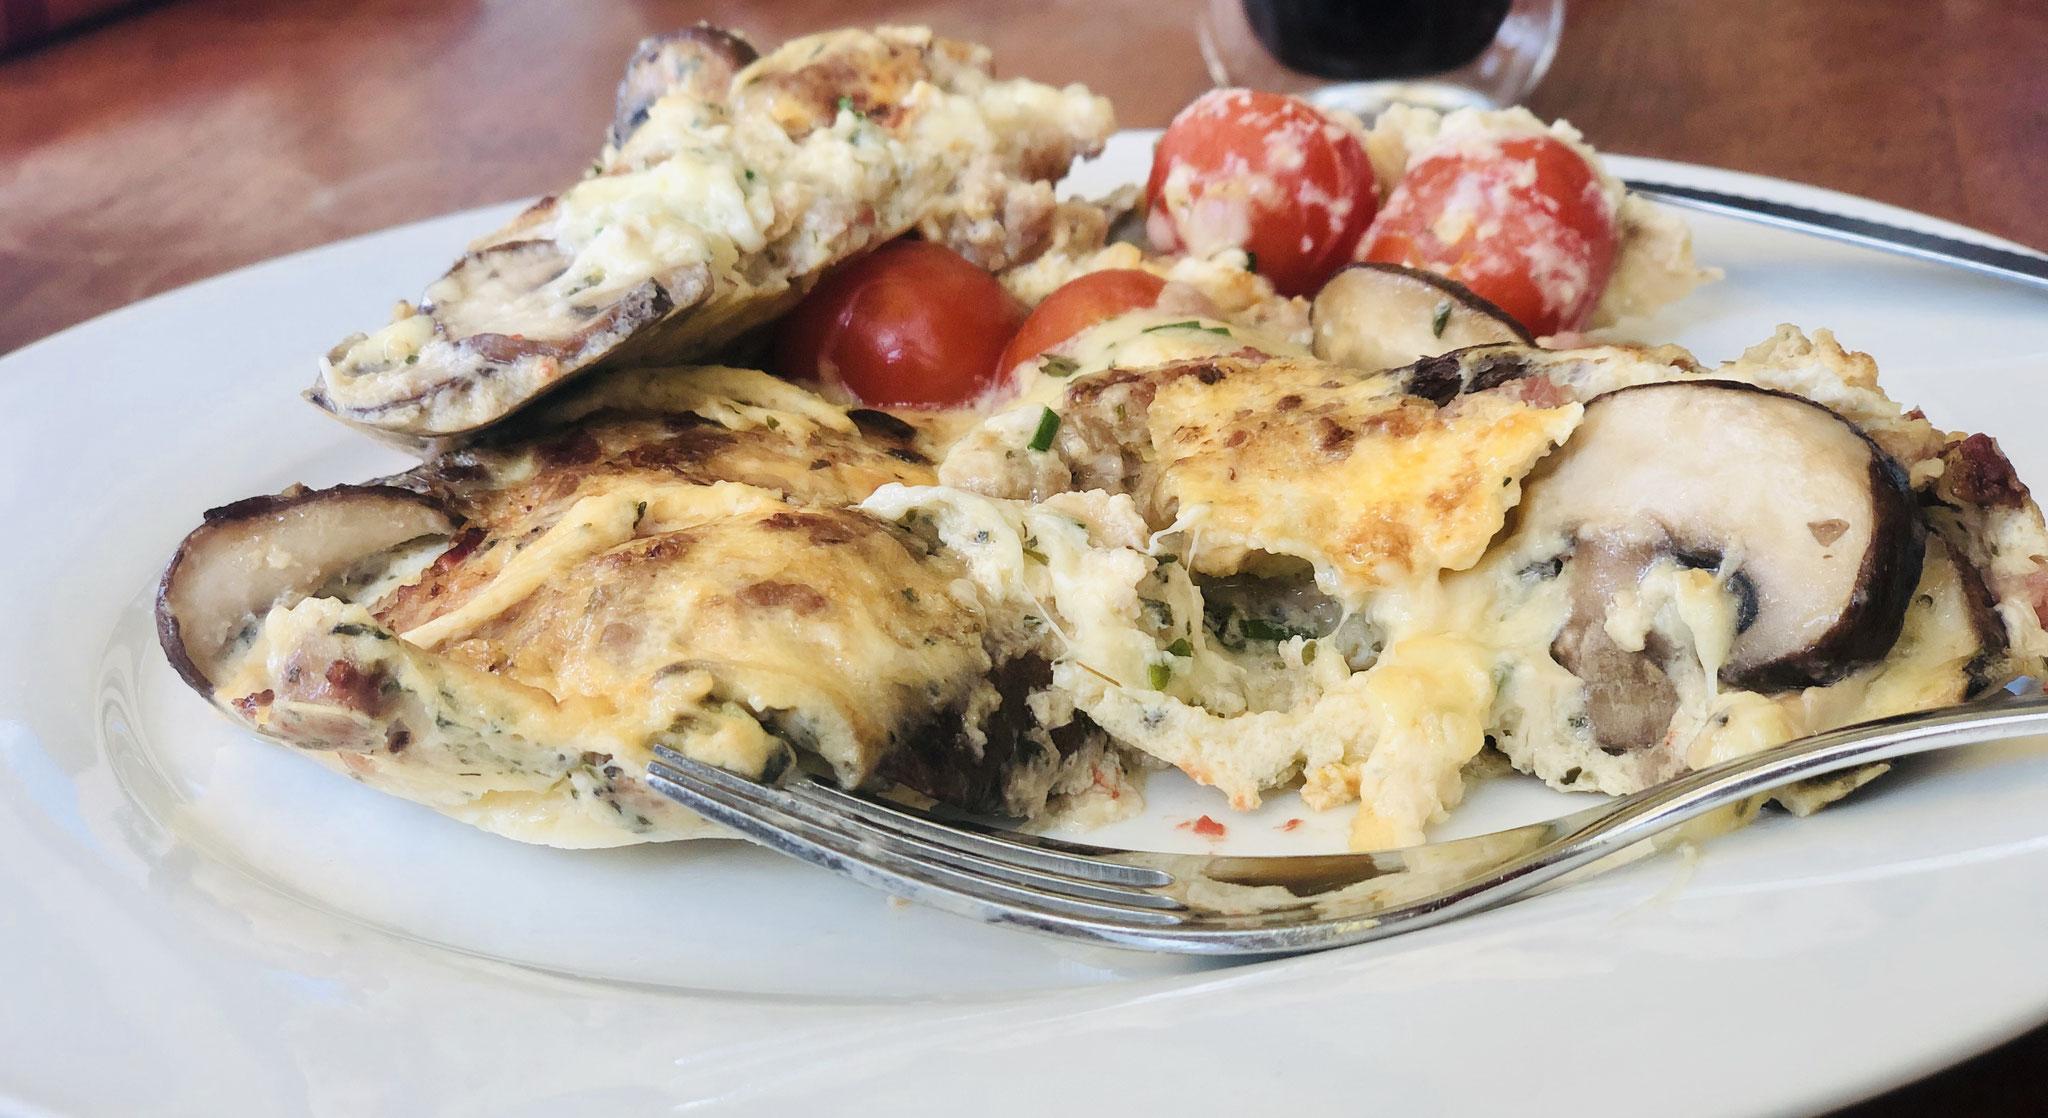 Frittata mit Pilzen und Tomaten, frischen Kräutern und Käse